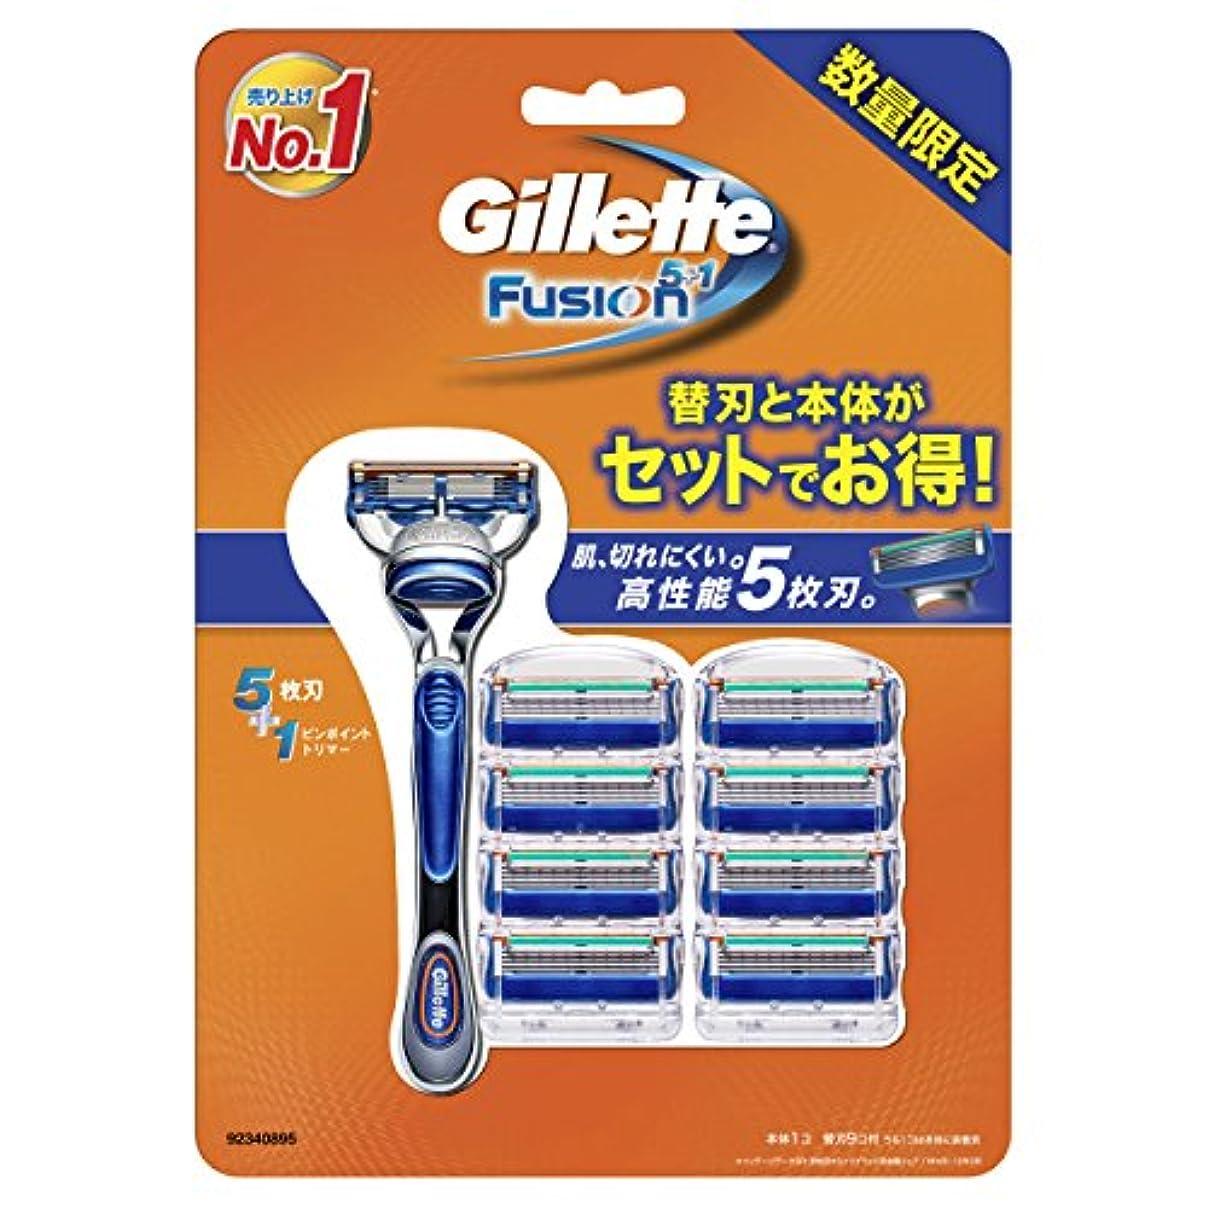 オゾン付き添い人マリナージレット フュージョン5+1 マニュアル 髭剃り 単品 本体+替刃9個付